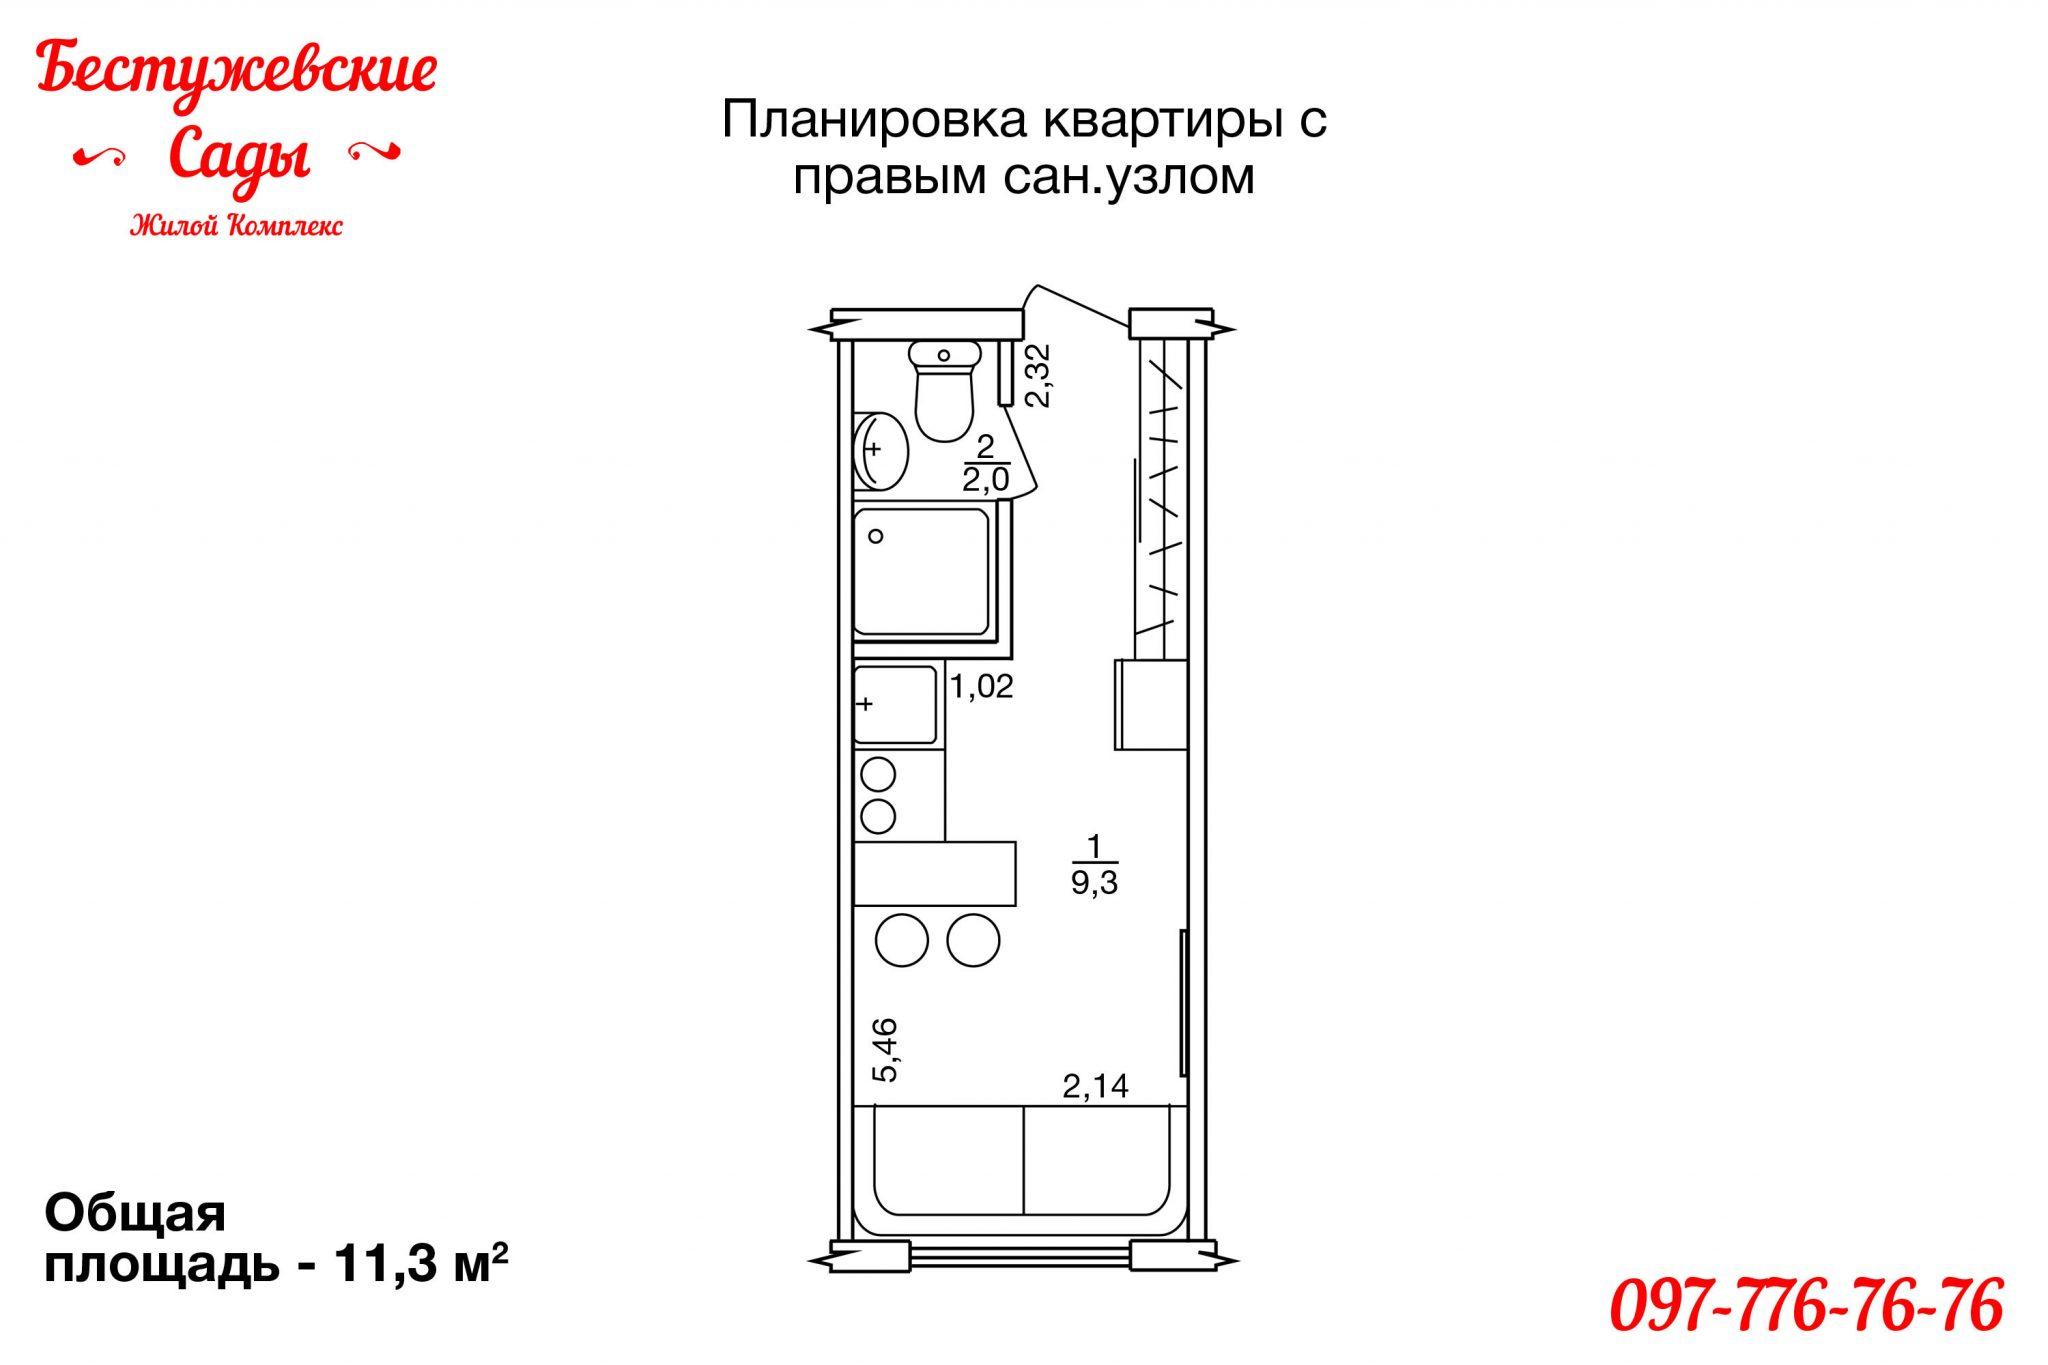 Гостинка площадью 11 квадратных метров